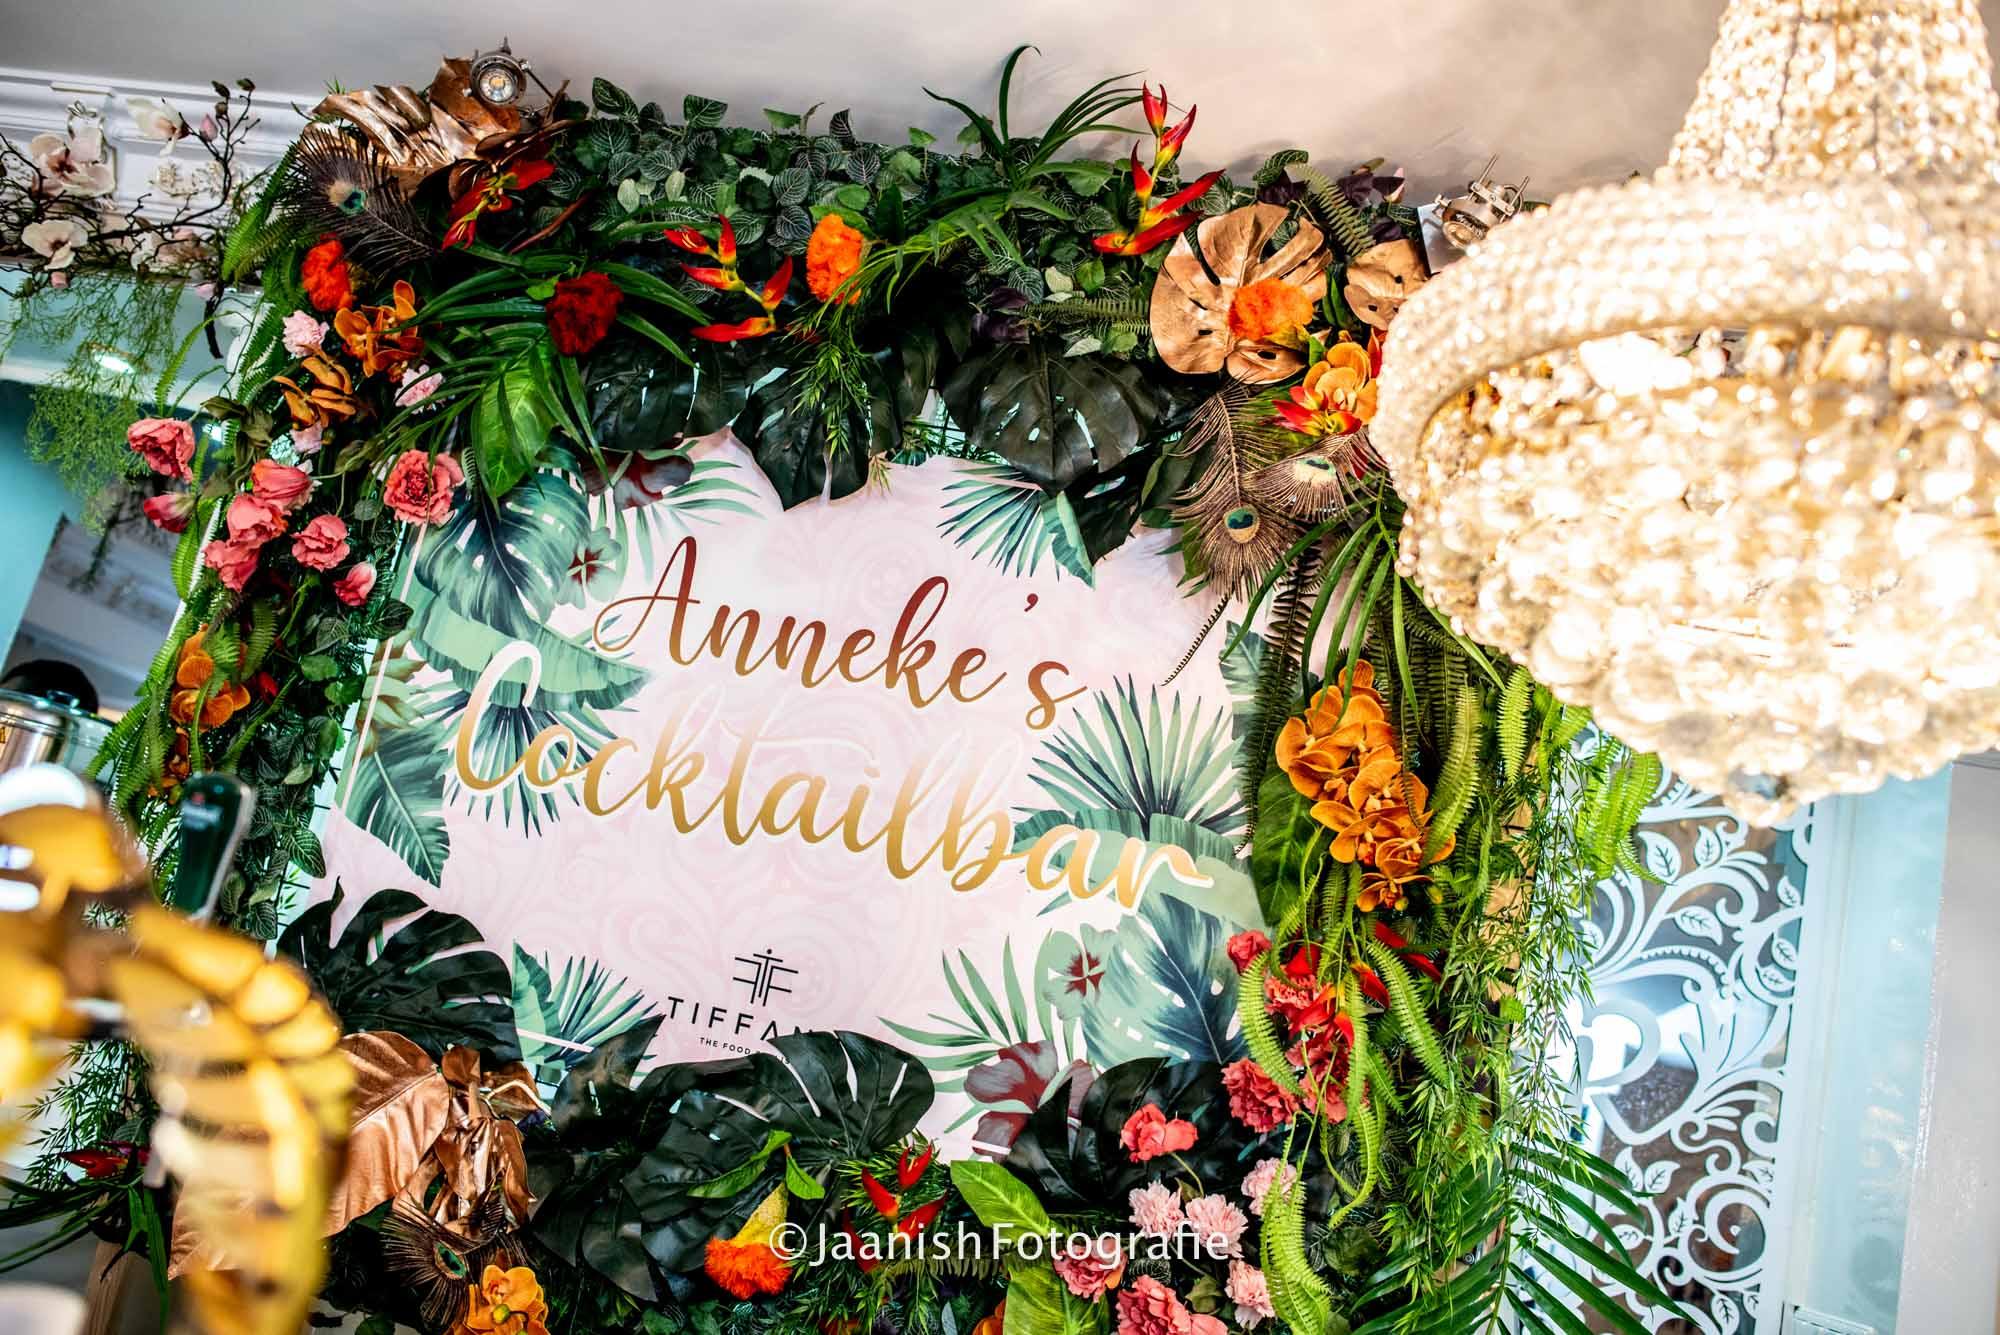 Verjaardag Anneke Foto's in Romance Fotograaf event 1